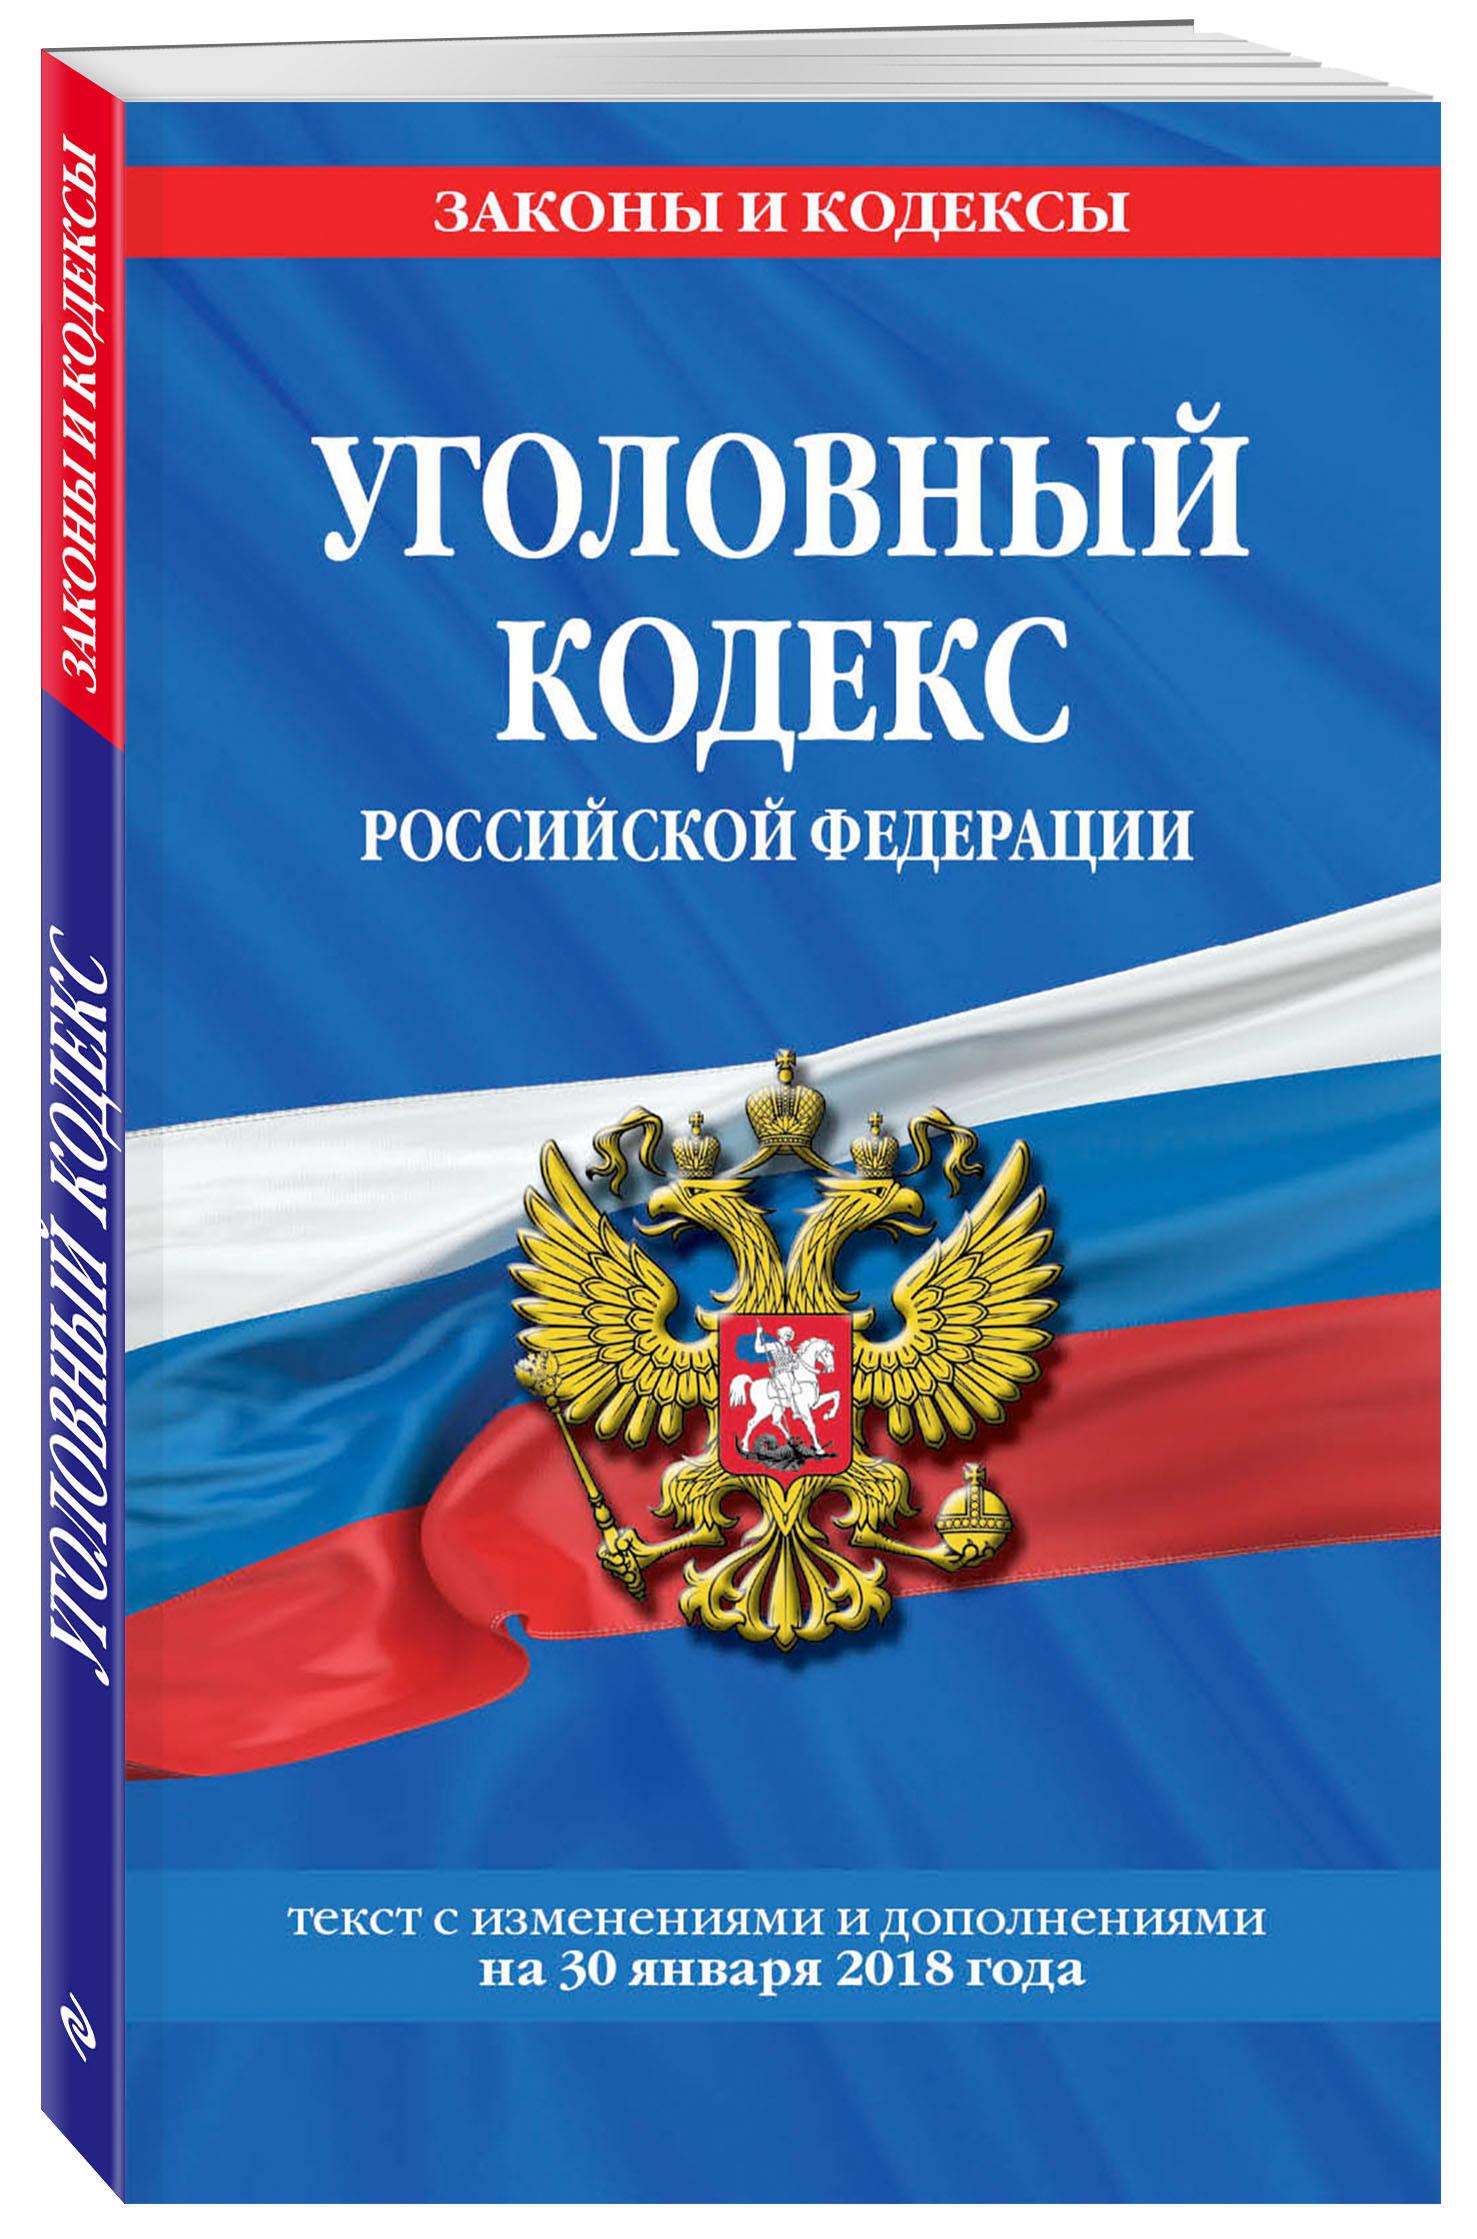 9785040920839 - Уголовный кодекс Российской Федерации: текст с изм. и доп. на 21 января 2018 г. - Книга